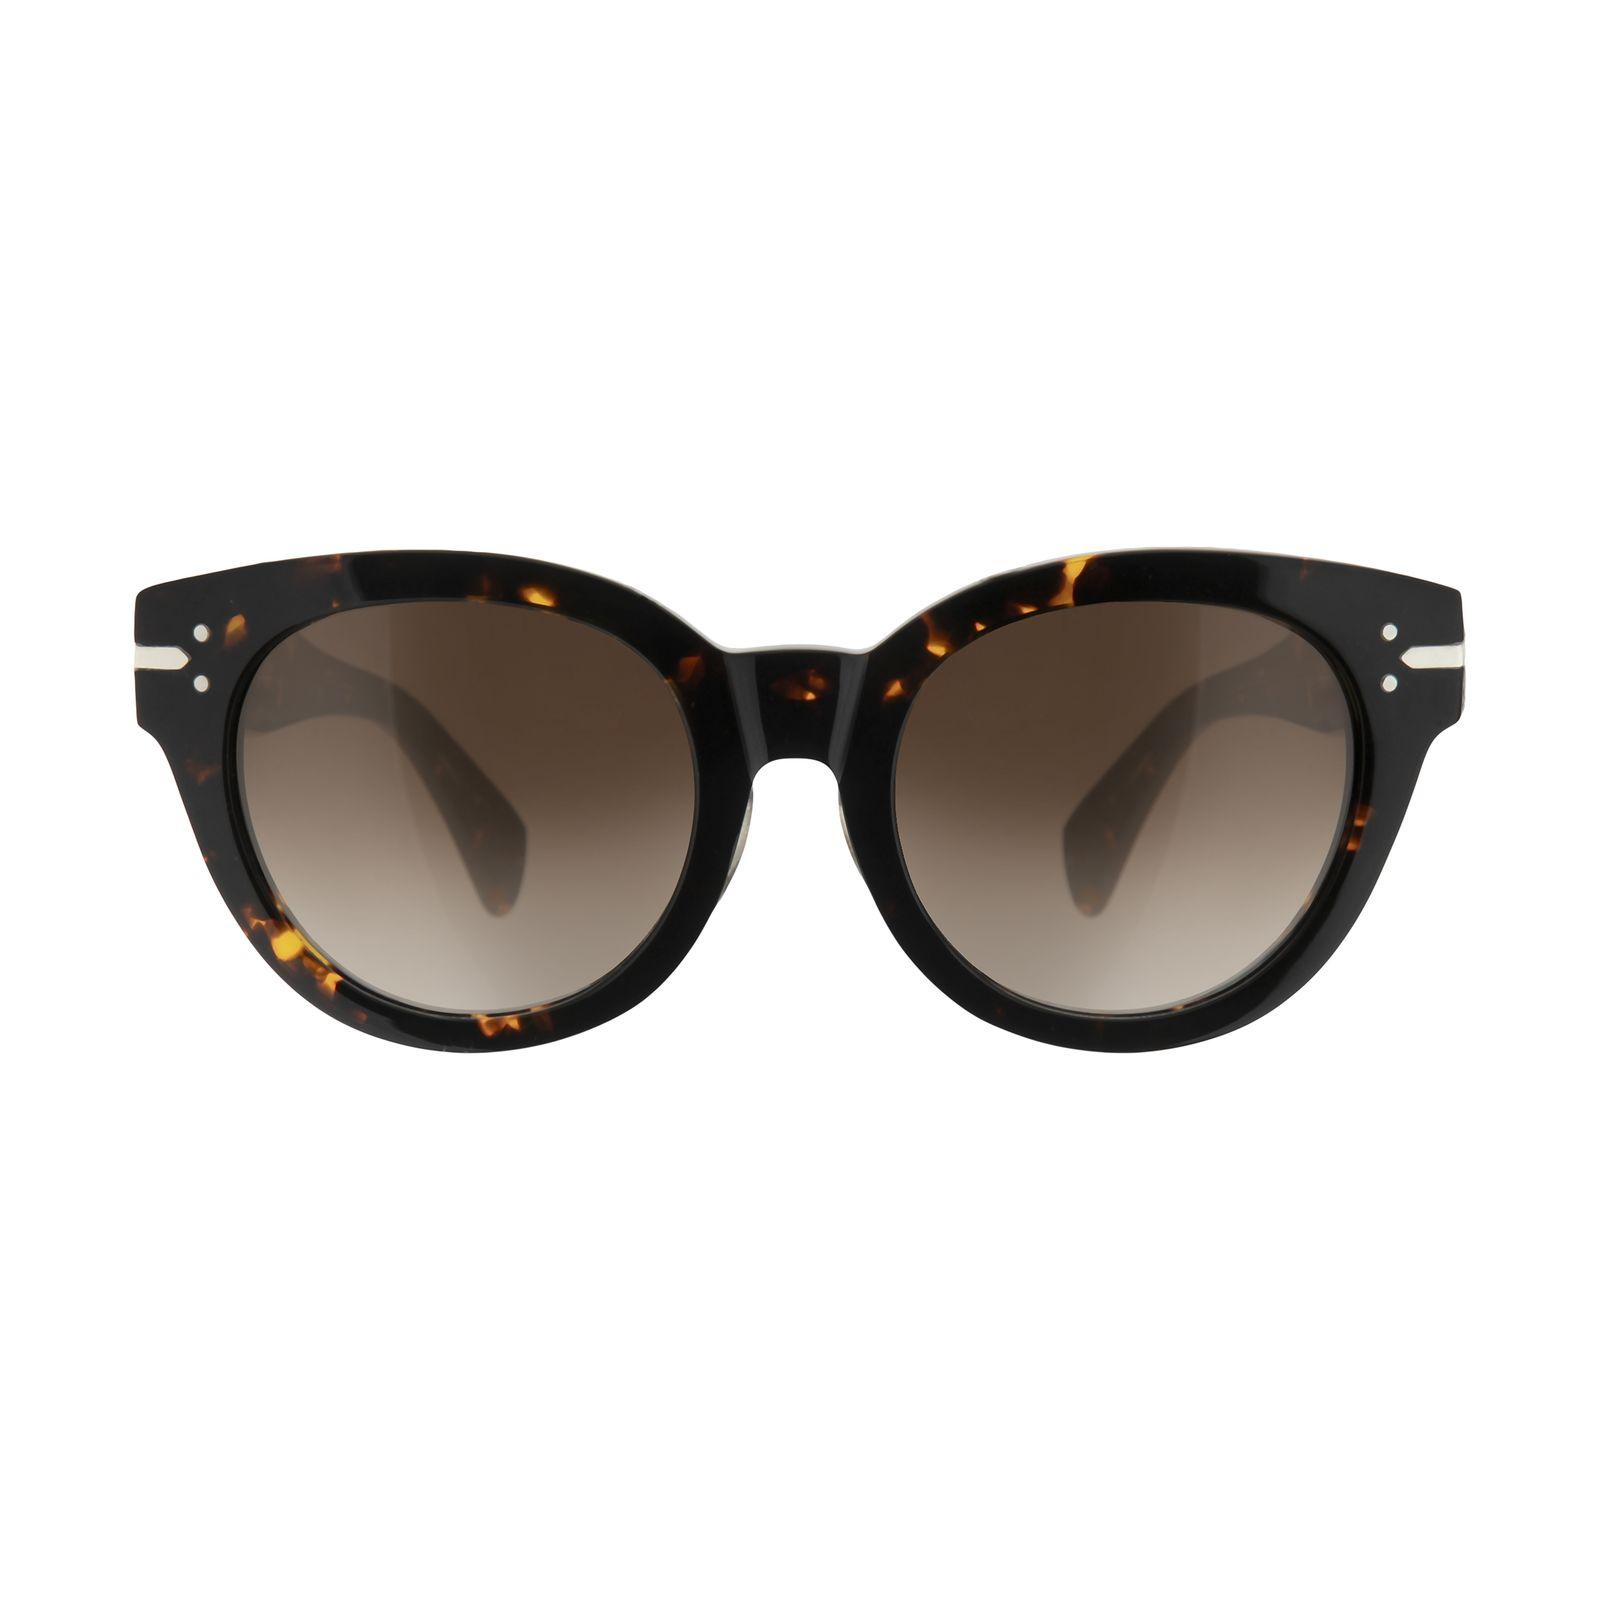 عینک آفتابی سلین مدل 41047 -  - 2